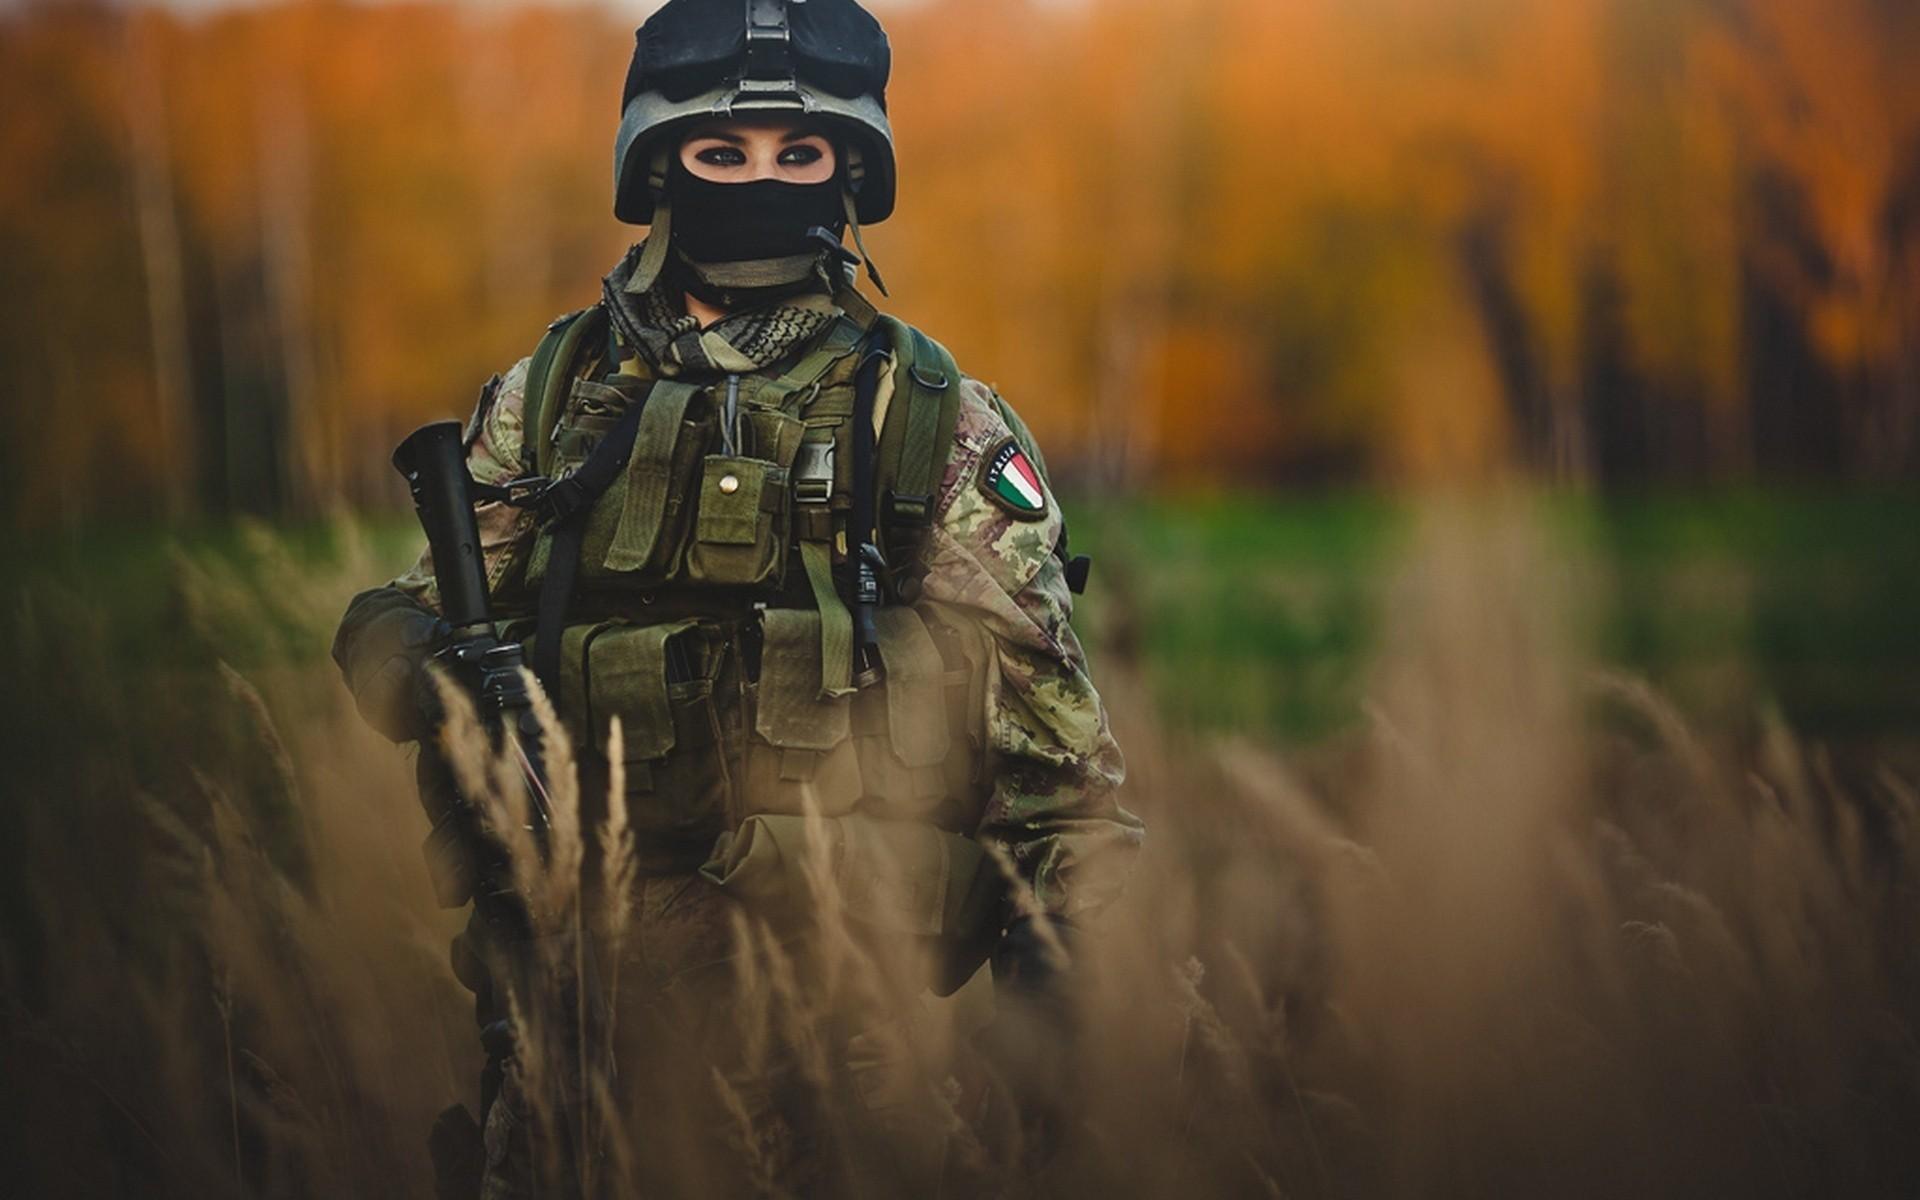 девушка солдат, скачать фото, обои для рабочего стола, girl soldier wallpaper, девушка с оружием